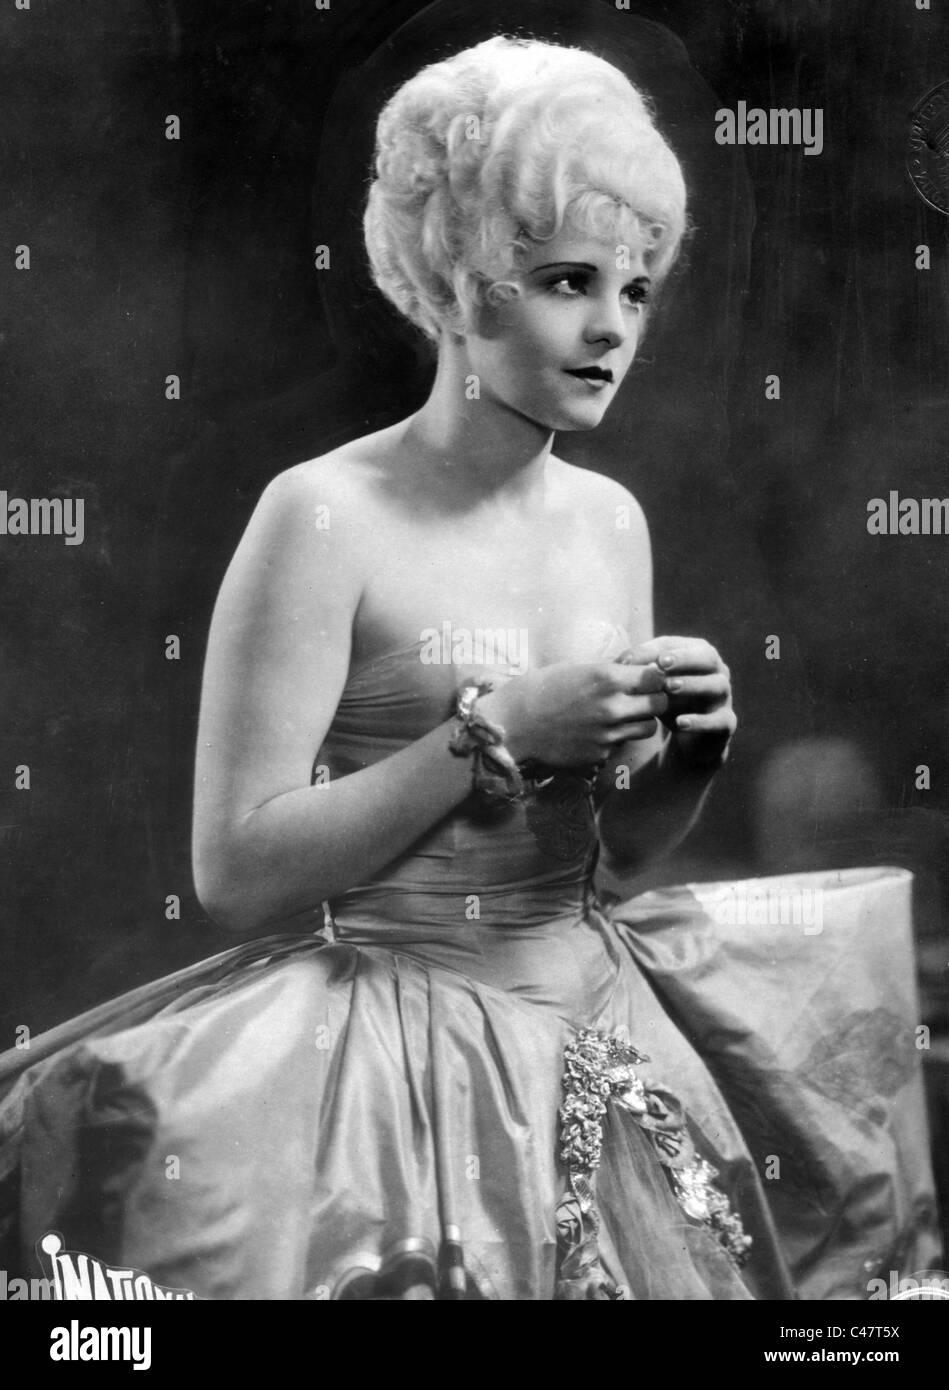 Natalie Moorhead,Alma Bella (1910?012) Hot pics & movies Madhabi Mukherjee,Savanna Samson